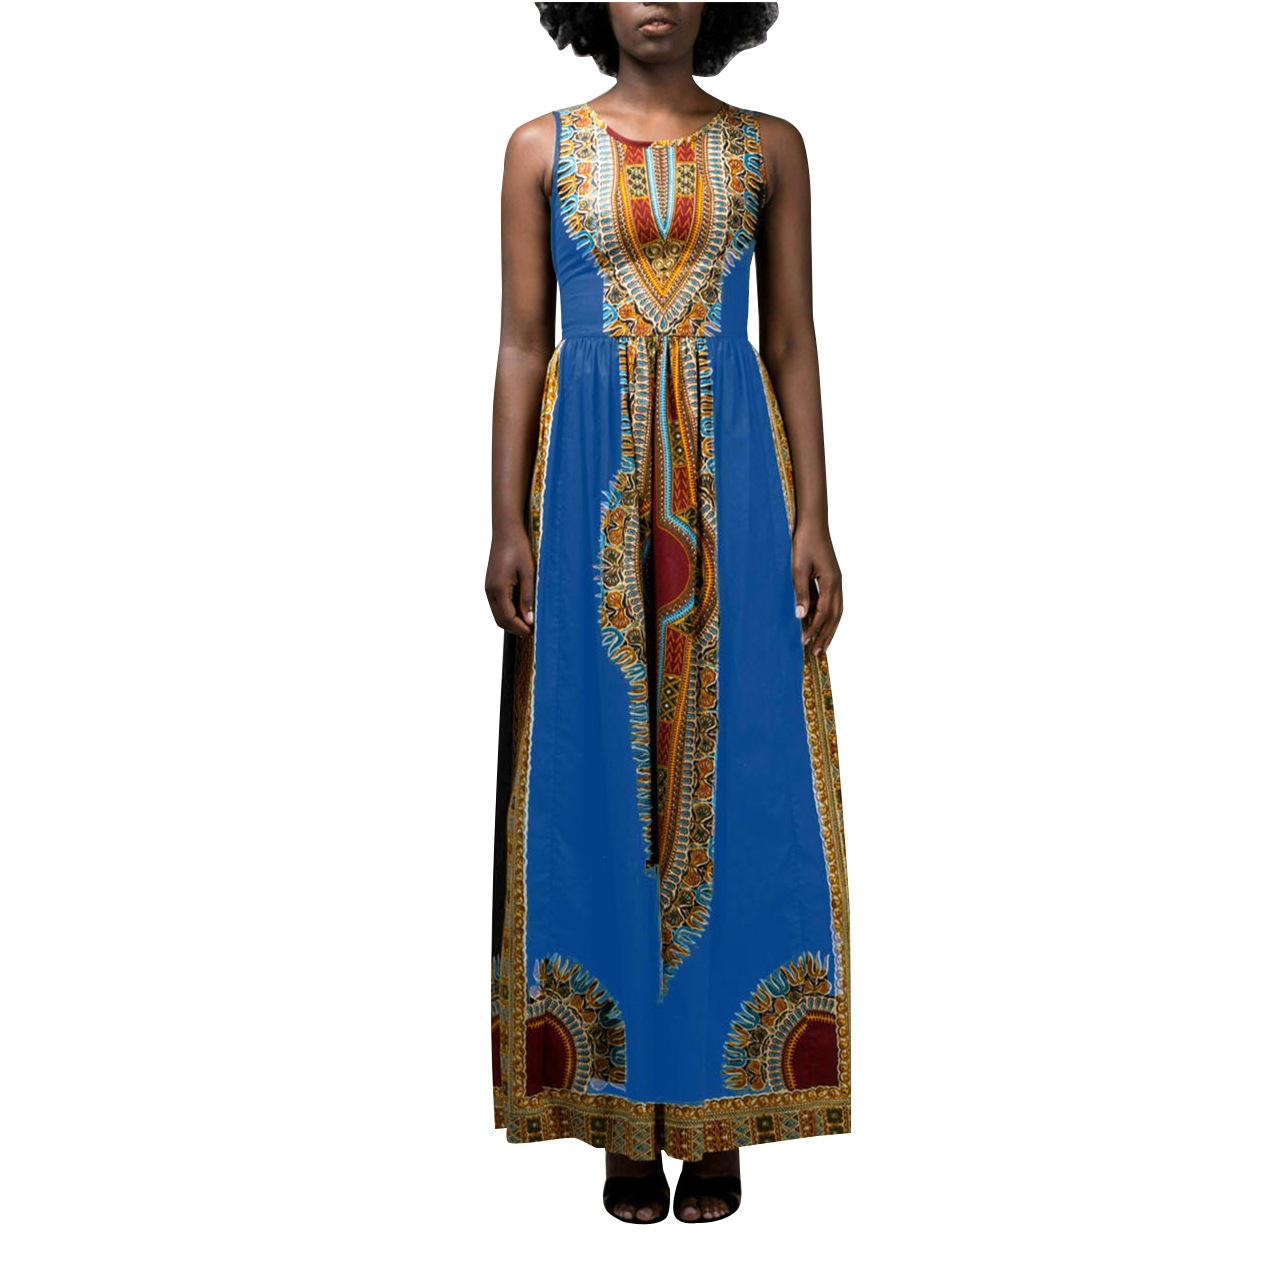 ML20851 Printed Sexy Women Summer Dress